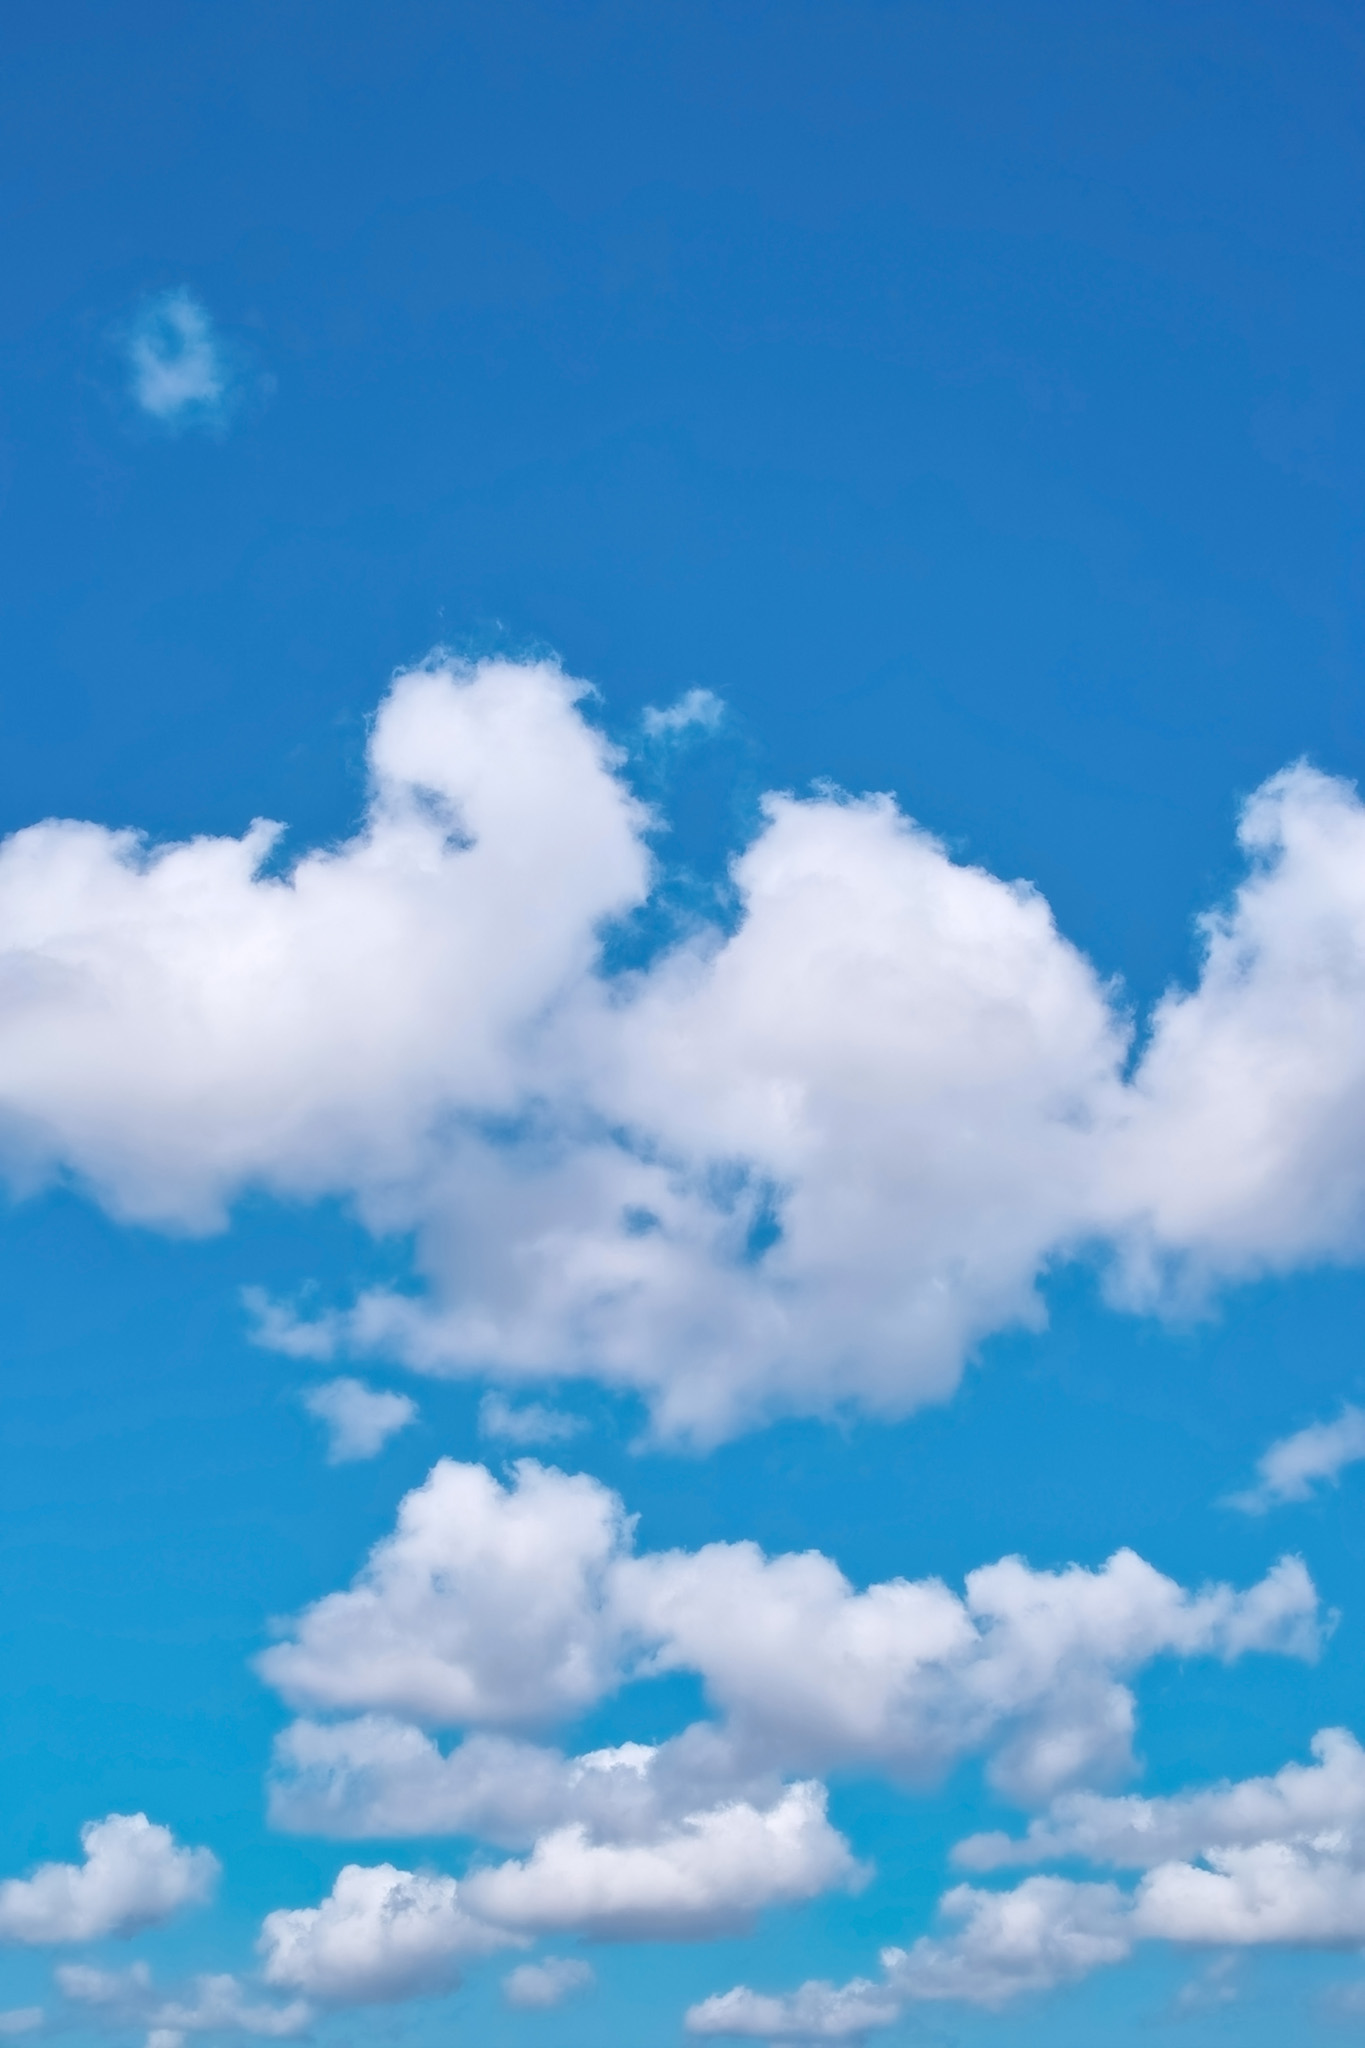 「雲がスカイブルーの青空に浮かぶ」の画像を無料ダウンロード